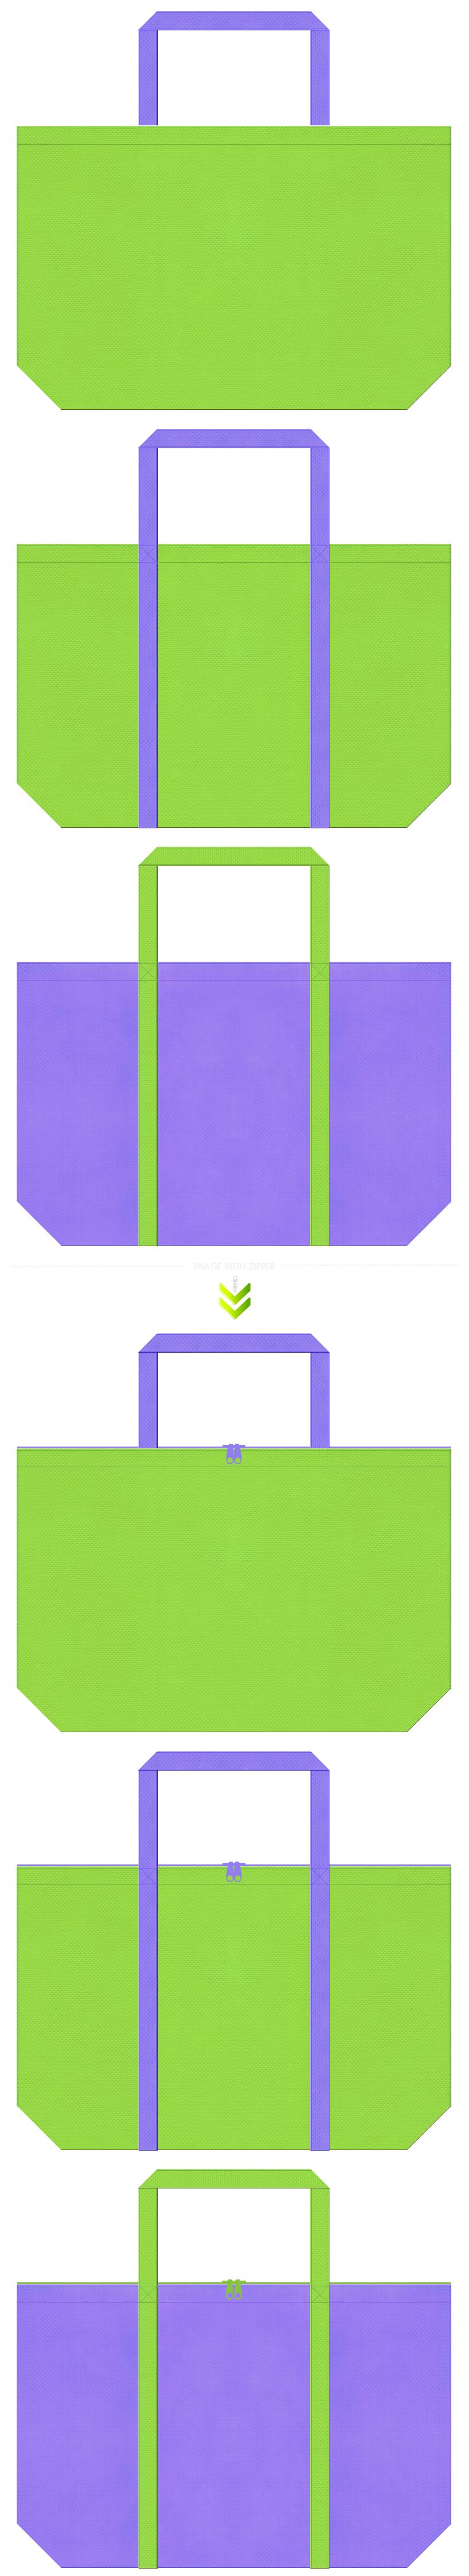 黄緑色と薄紫色の不織布エコバッグのデザイン。紫陽花イメージで、生け花教室・茶会のノベルティにお奨めです。